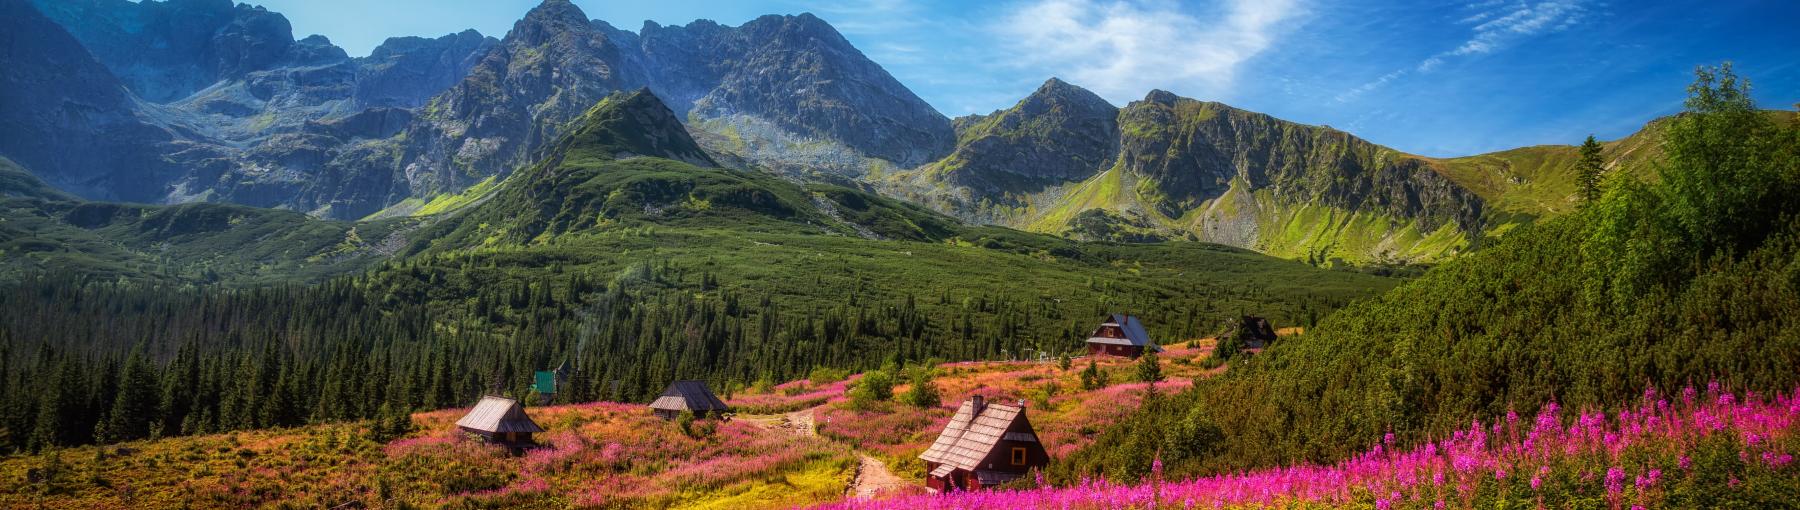 Het Tatra gebergte - Zakopane